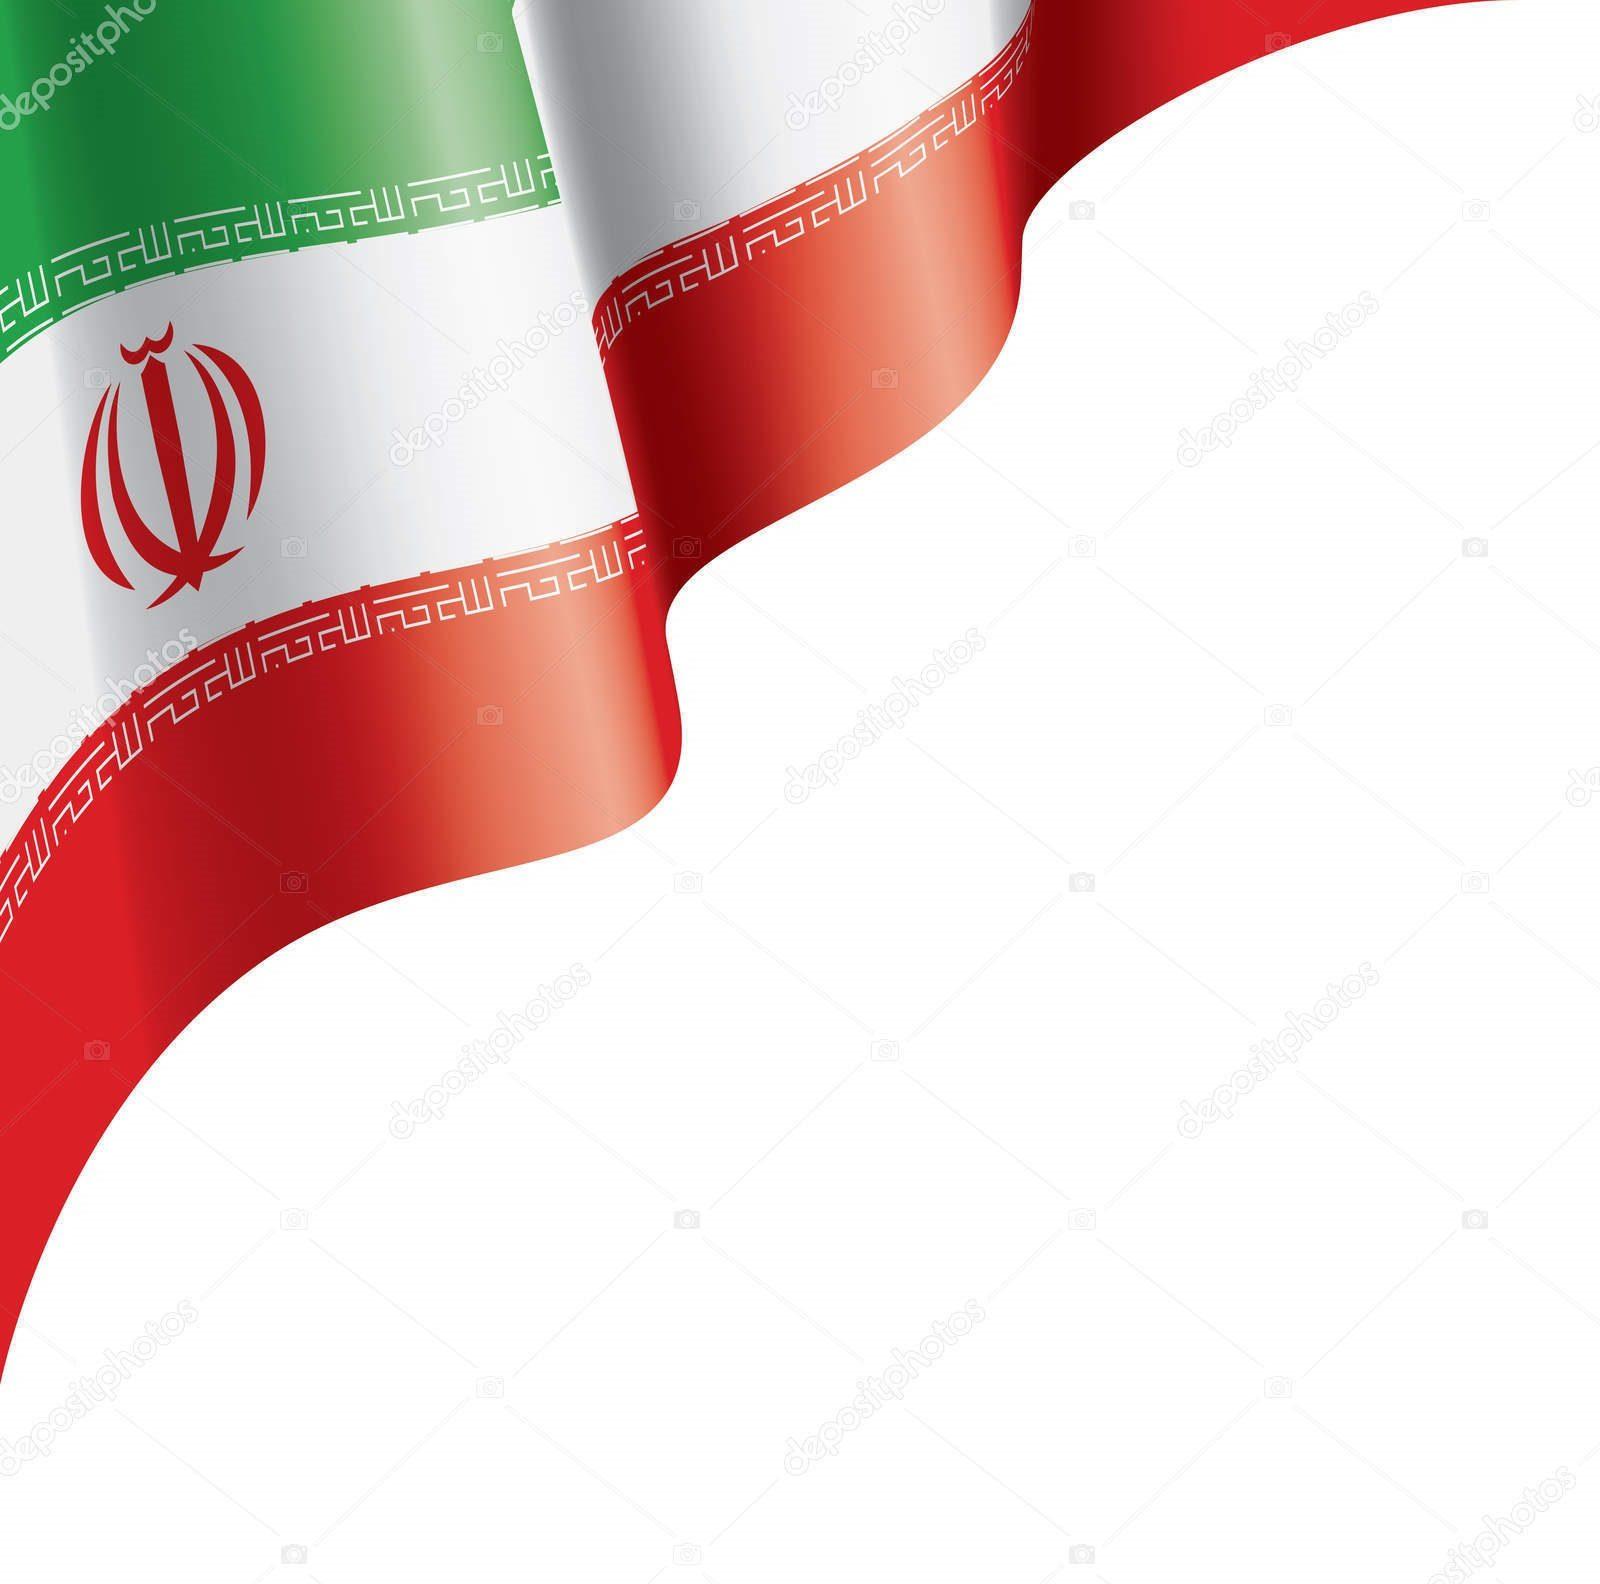 عکس باکیفیت بالا از پرچم ایران